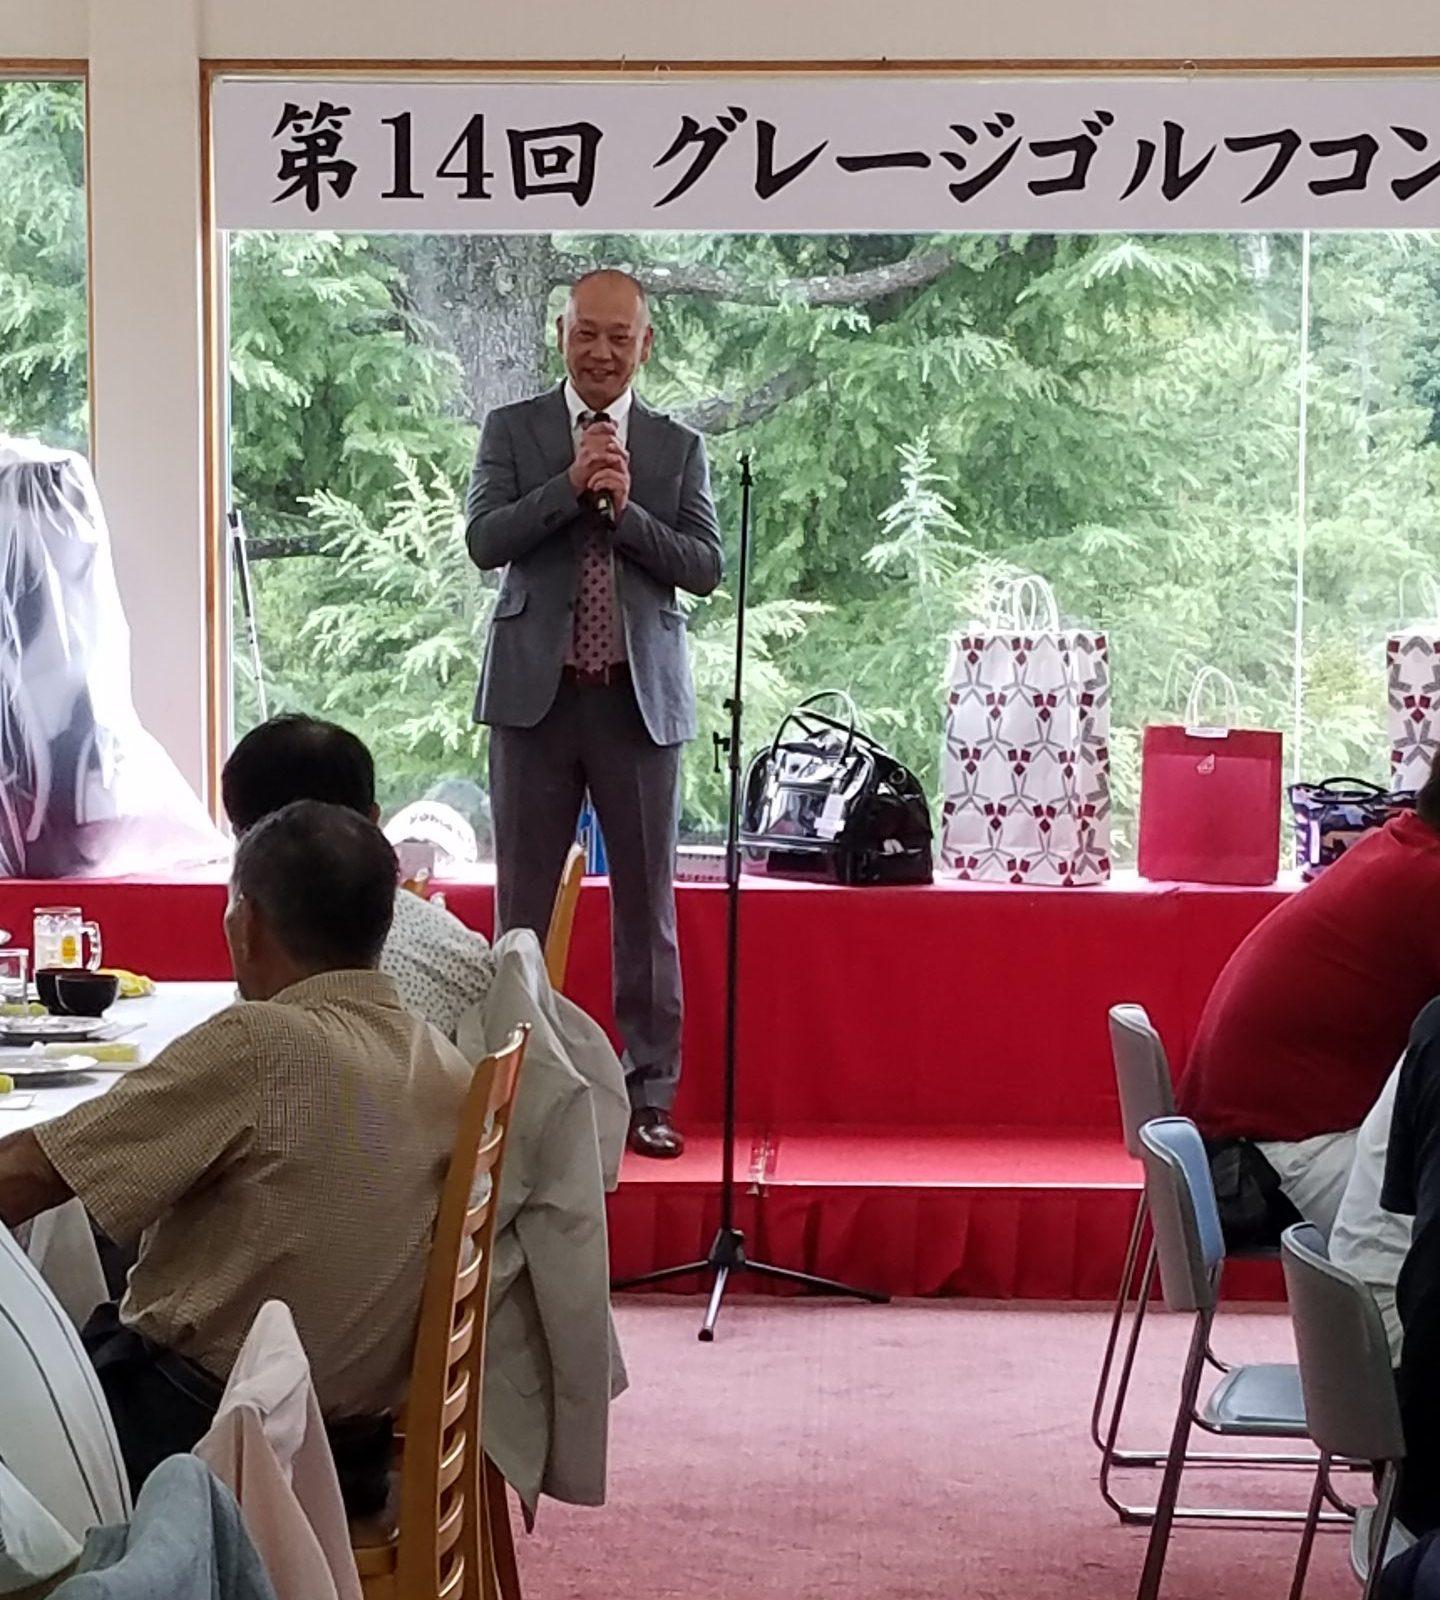 第14回グレージゴルフコンペ 美加ノ原カンツリークラブ